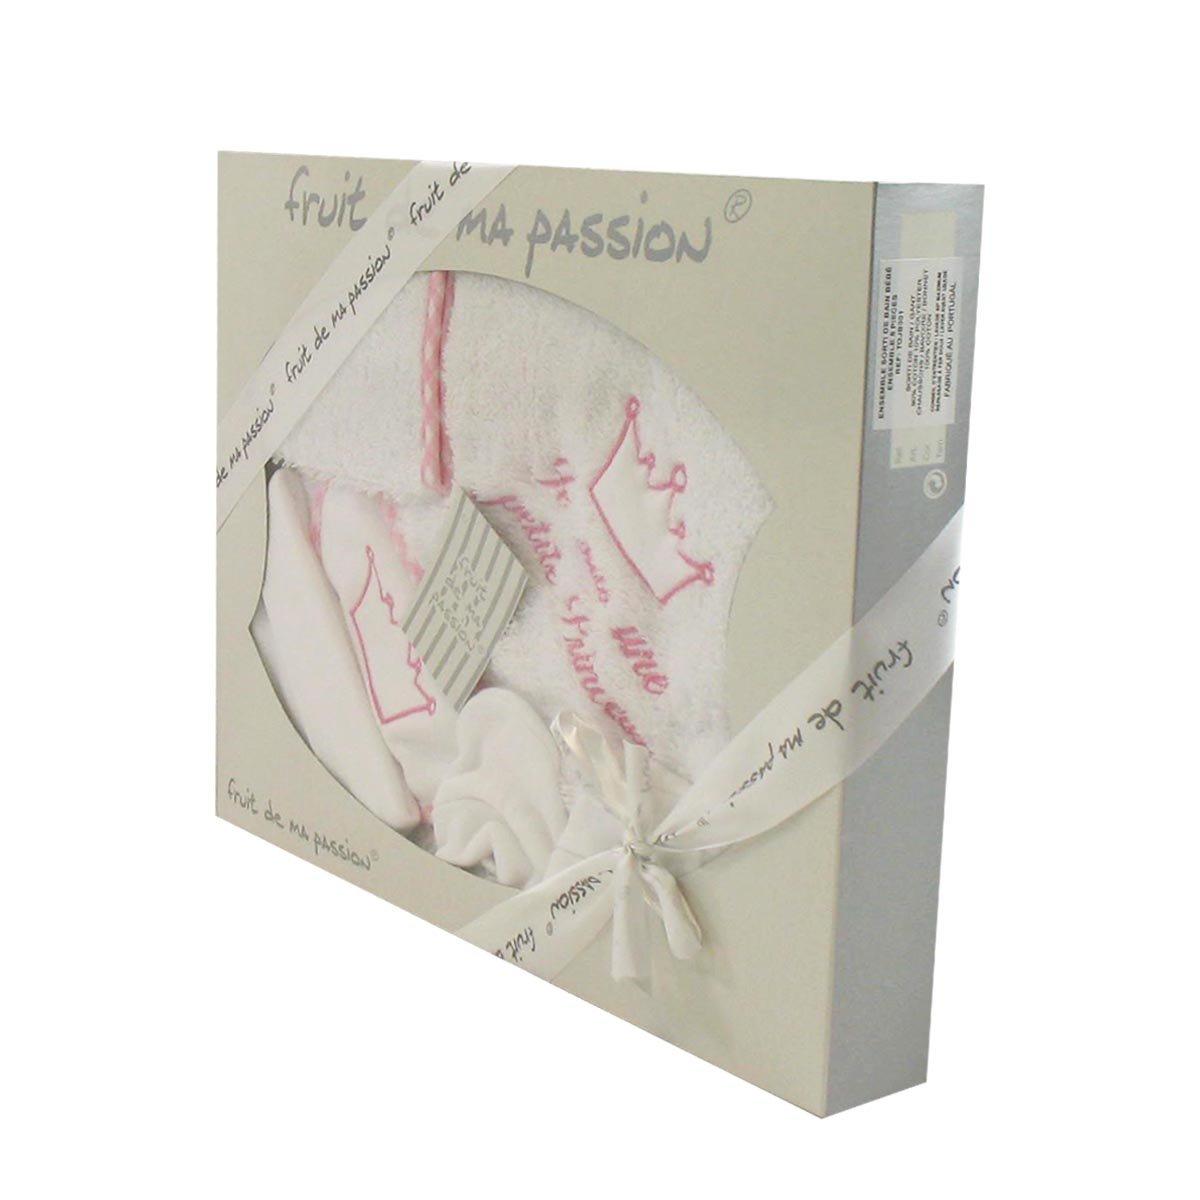 Caja de bata blanca y rosa - Soy pequeña princesa Fruit de ma Passion